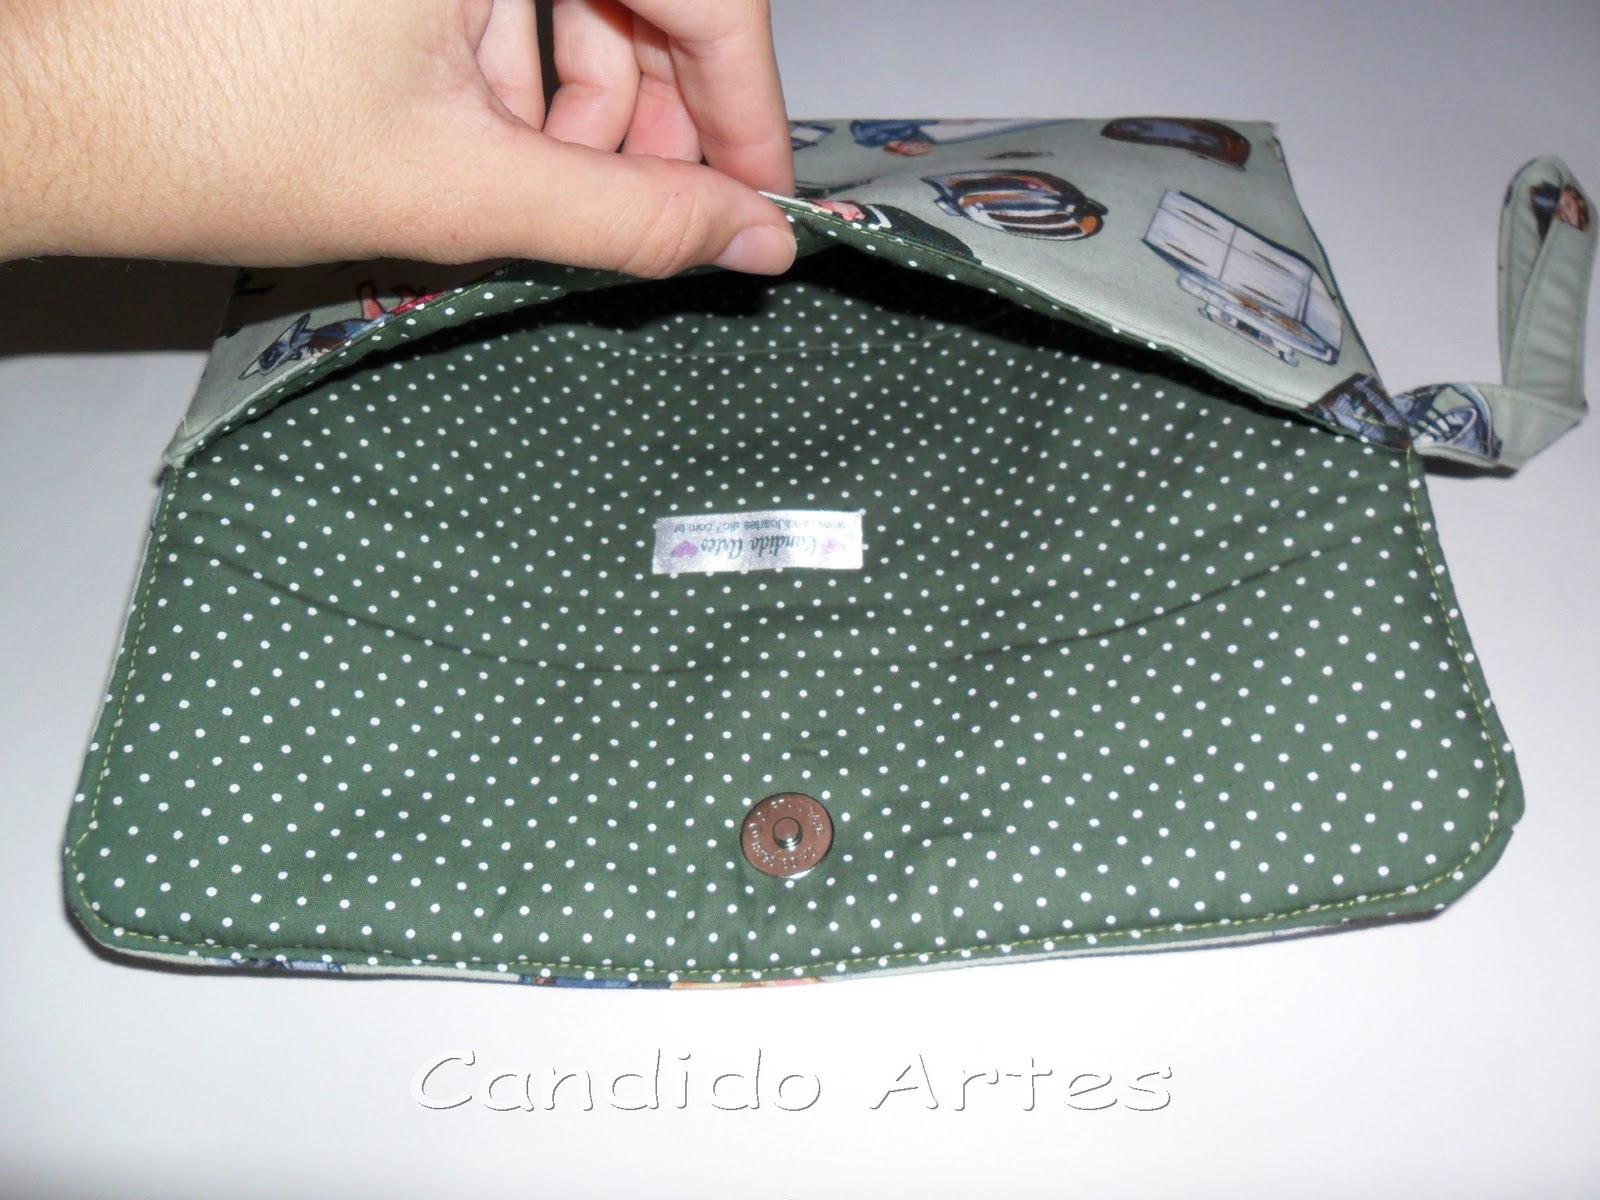 Bolsa De Mão Artesanal Passo A Passo : Artesanato candido artes bolsa de m?o carteira tecido pin